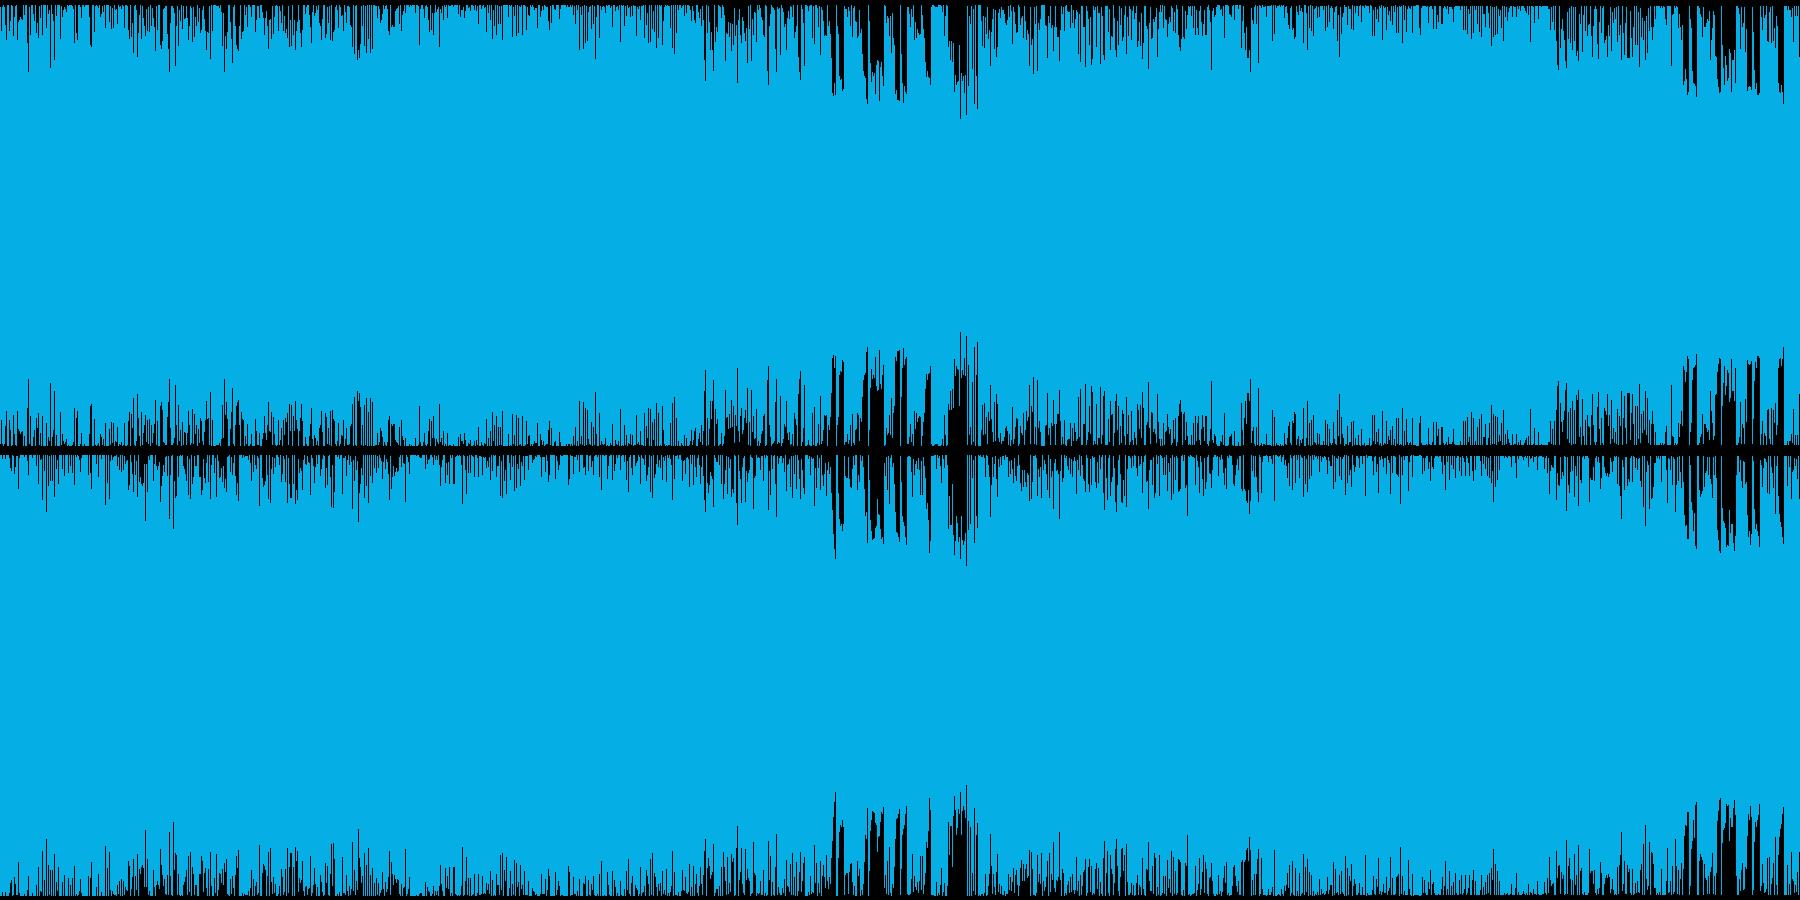 凶悪で攻撃的な雰囲気のへヴィメタルループの再生済みの波形